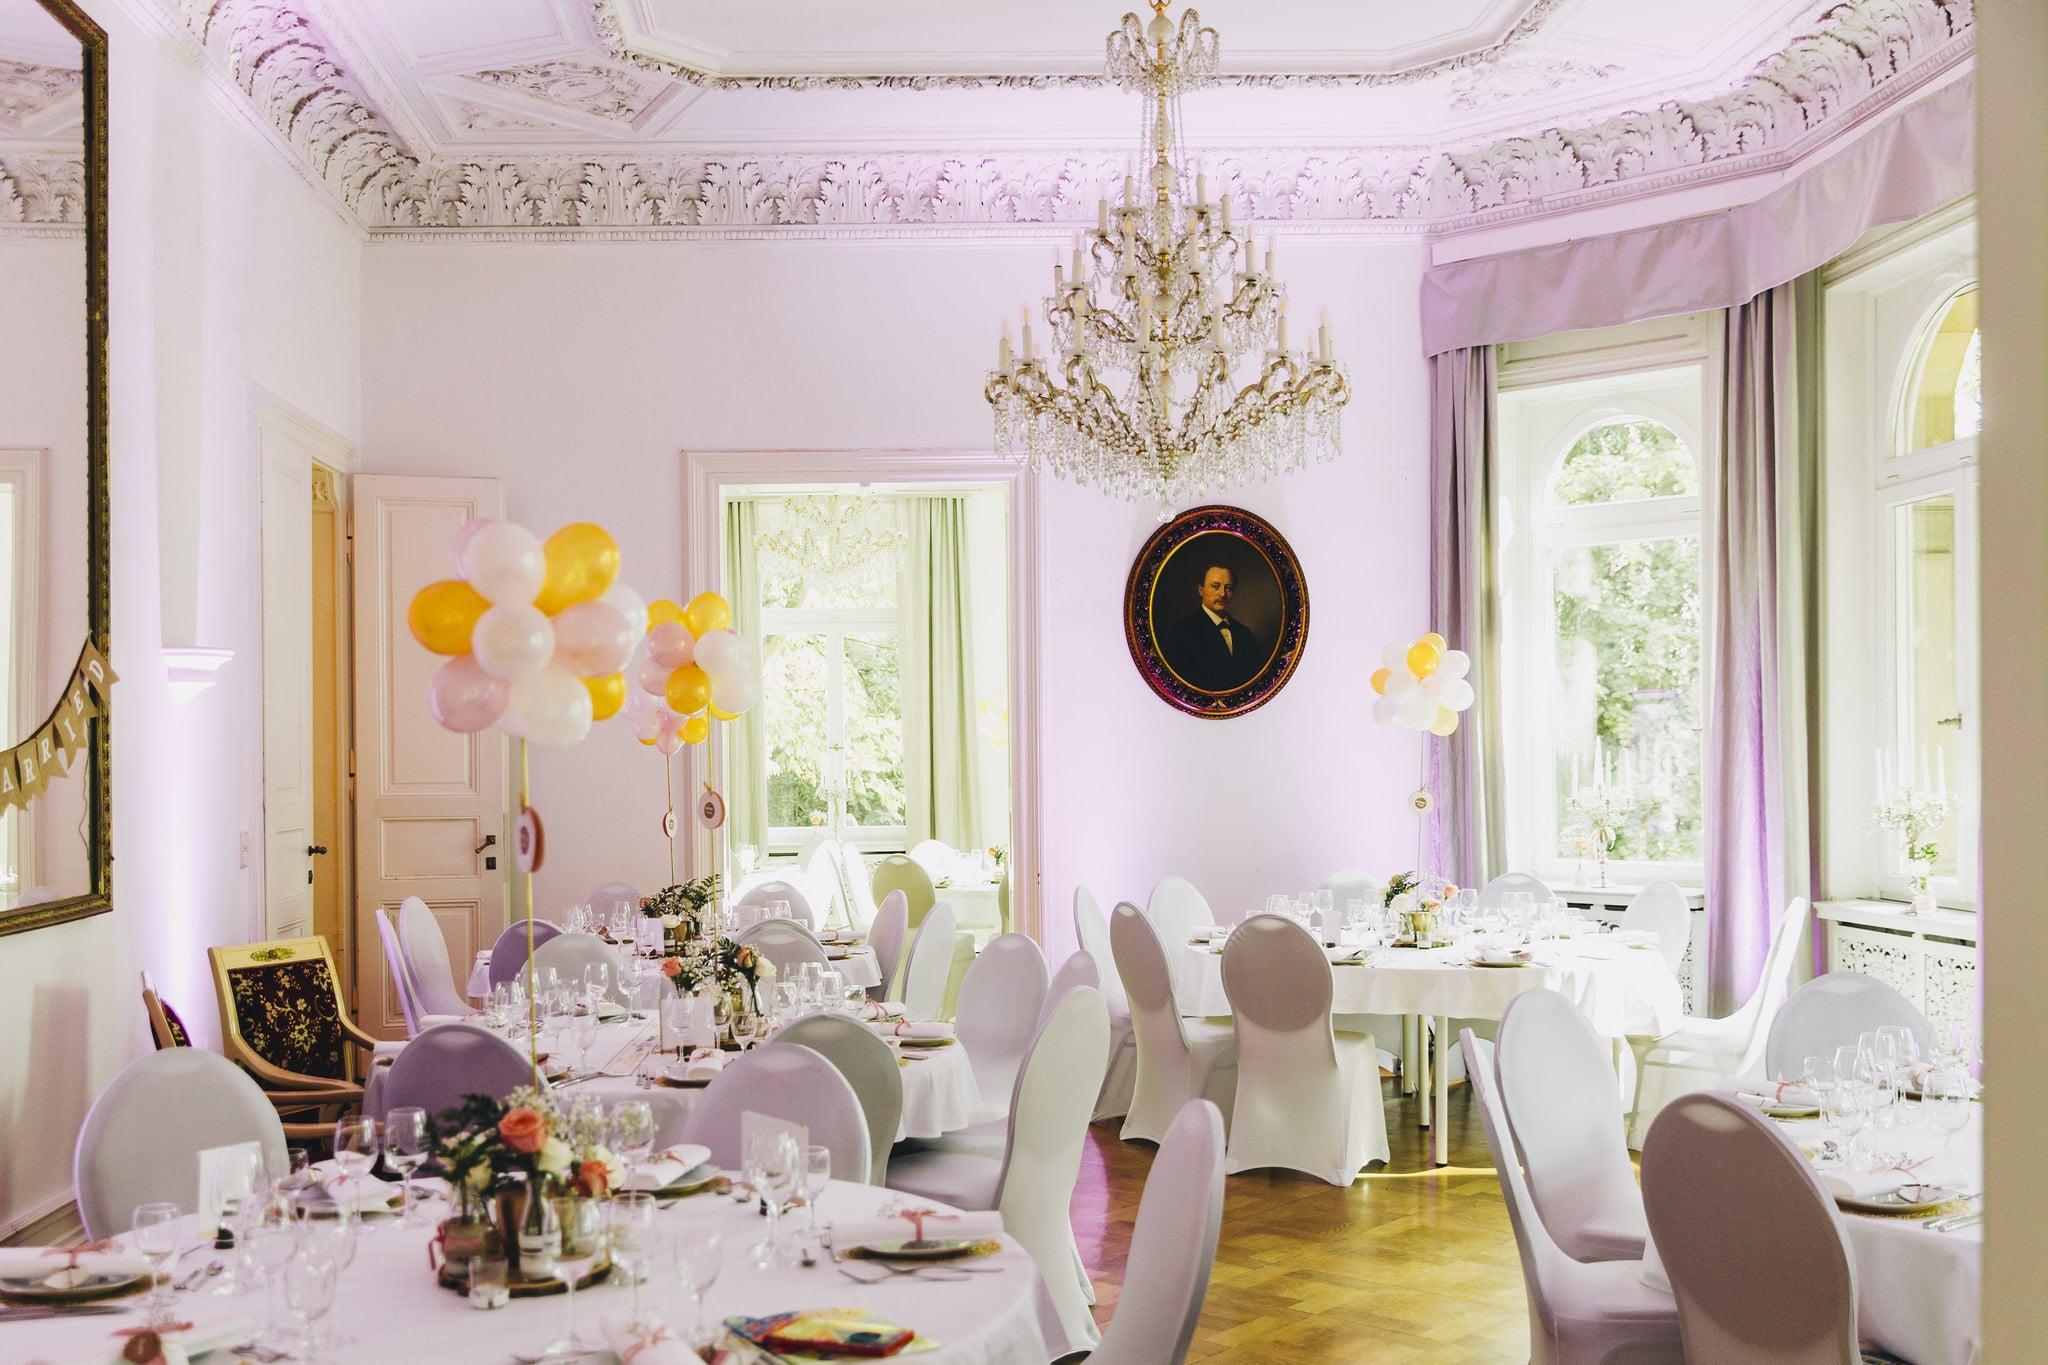 Hochzeit Villa Kalles 16  – gesehen bei frauimmer-herrewig.de